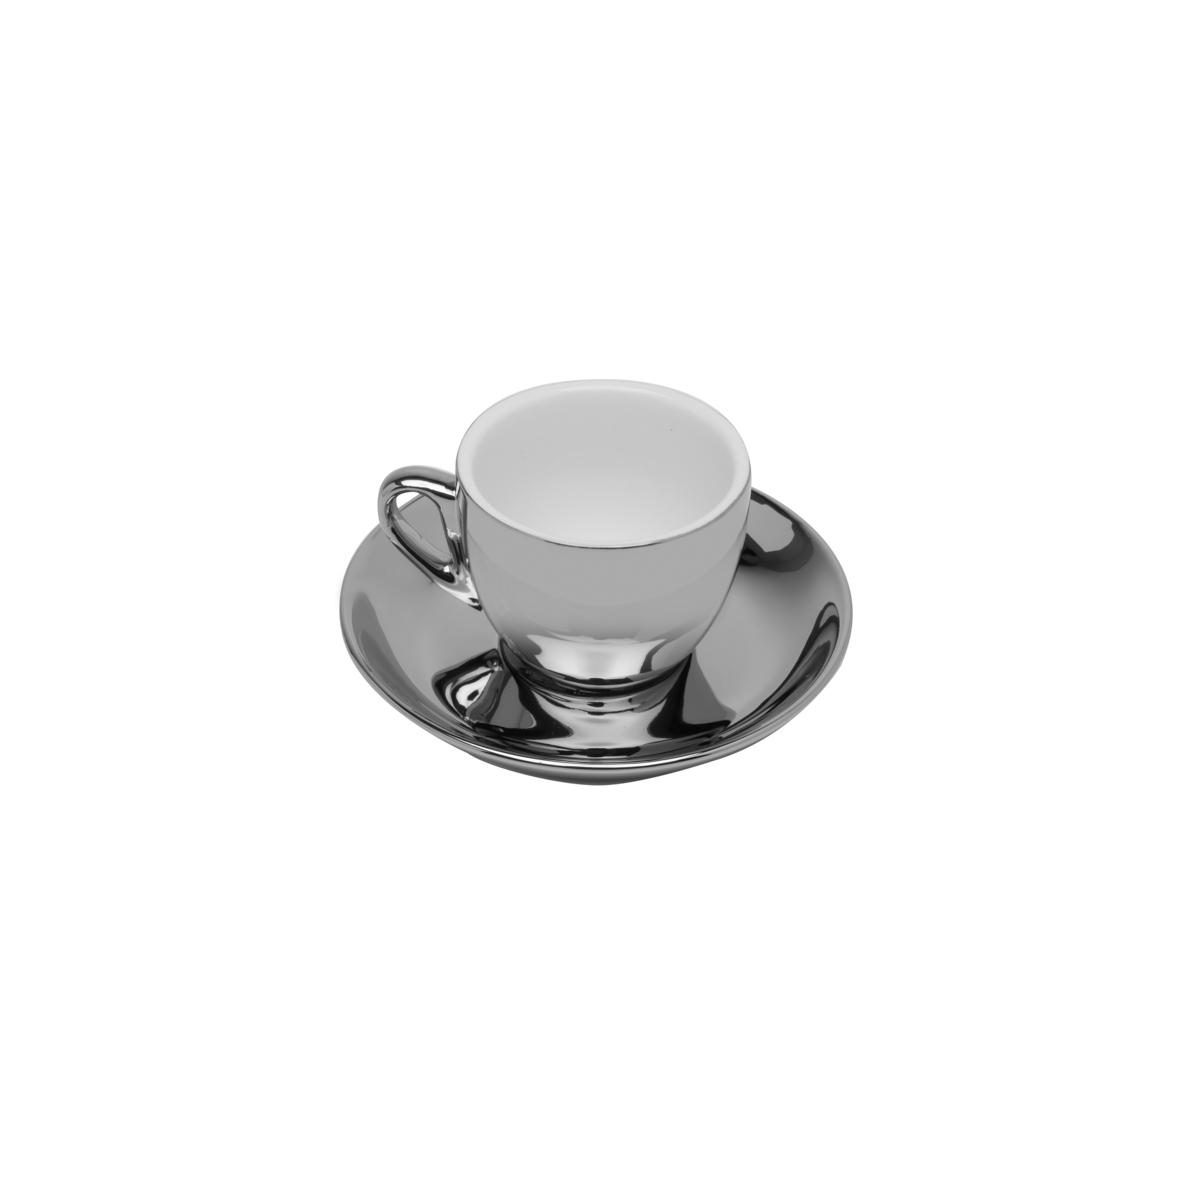 Conjunto 6 Xícaras de Café com Pires de Porcelana Versa Prata e Branco 90ml